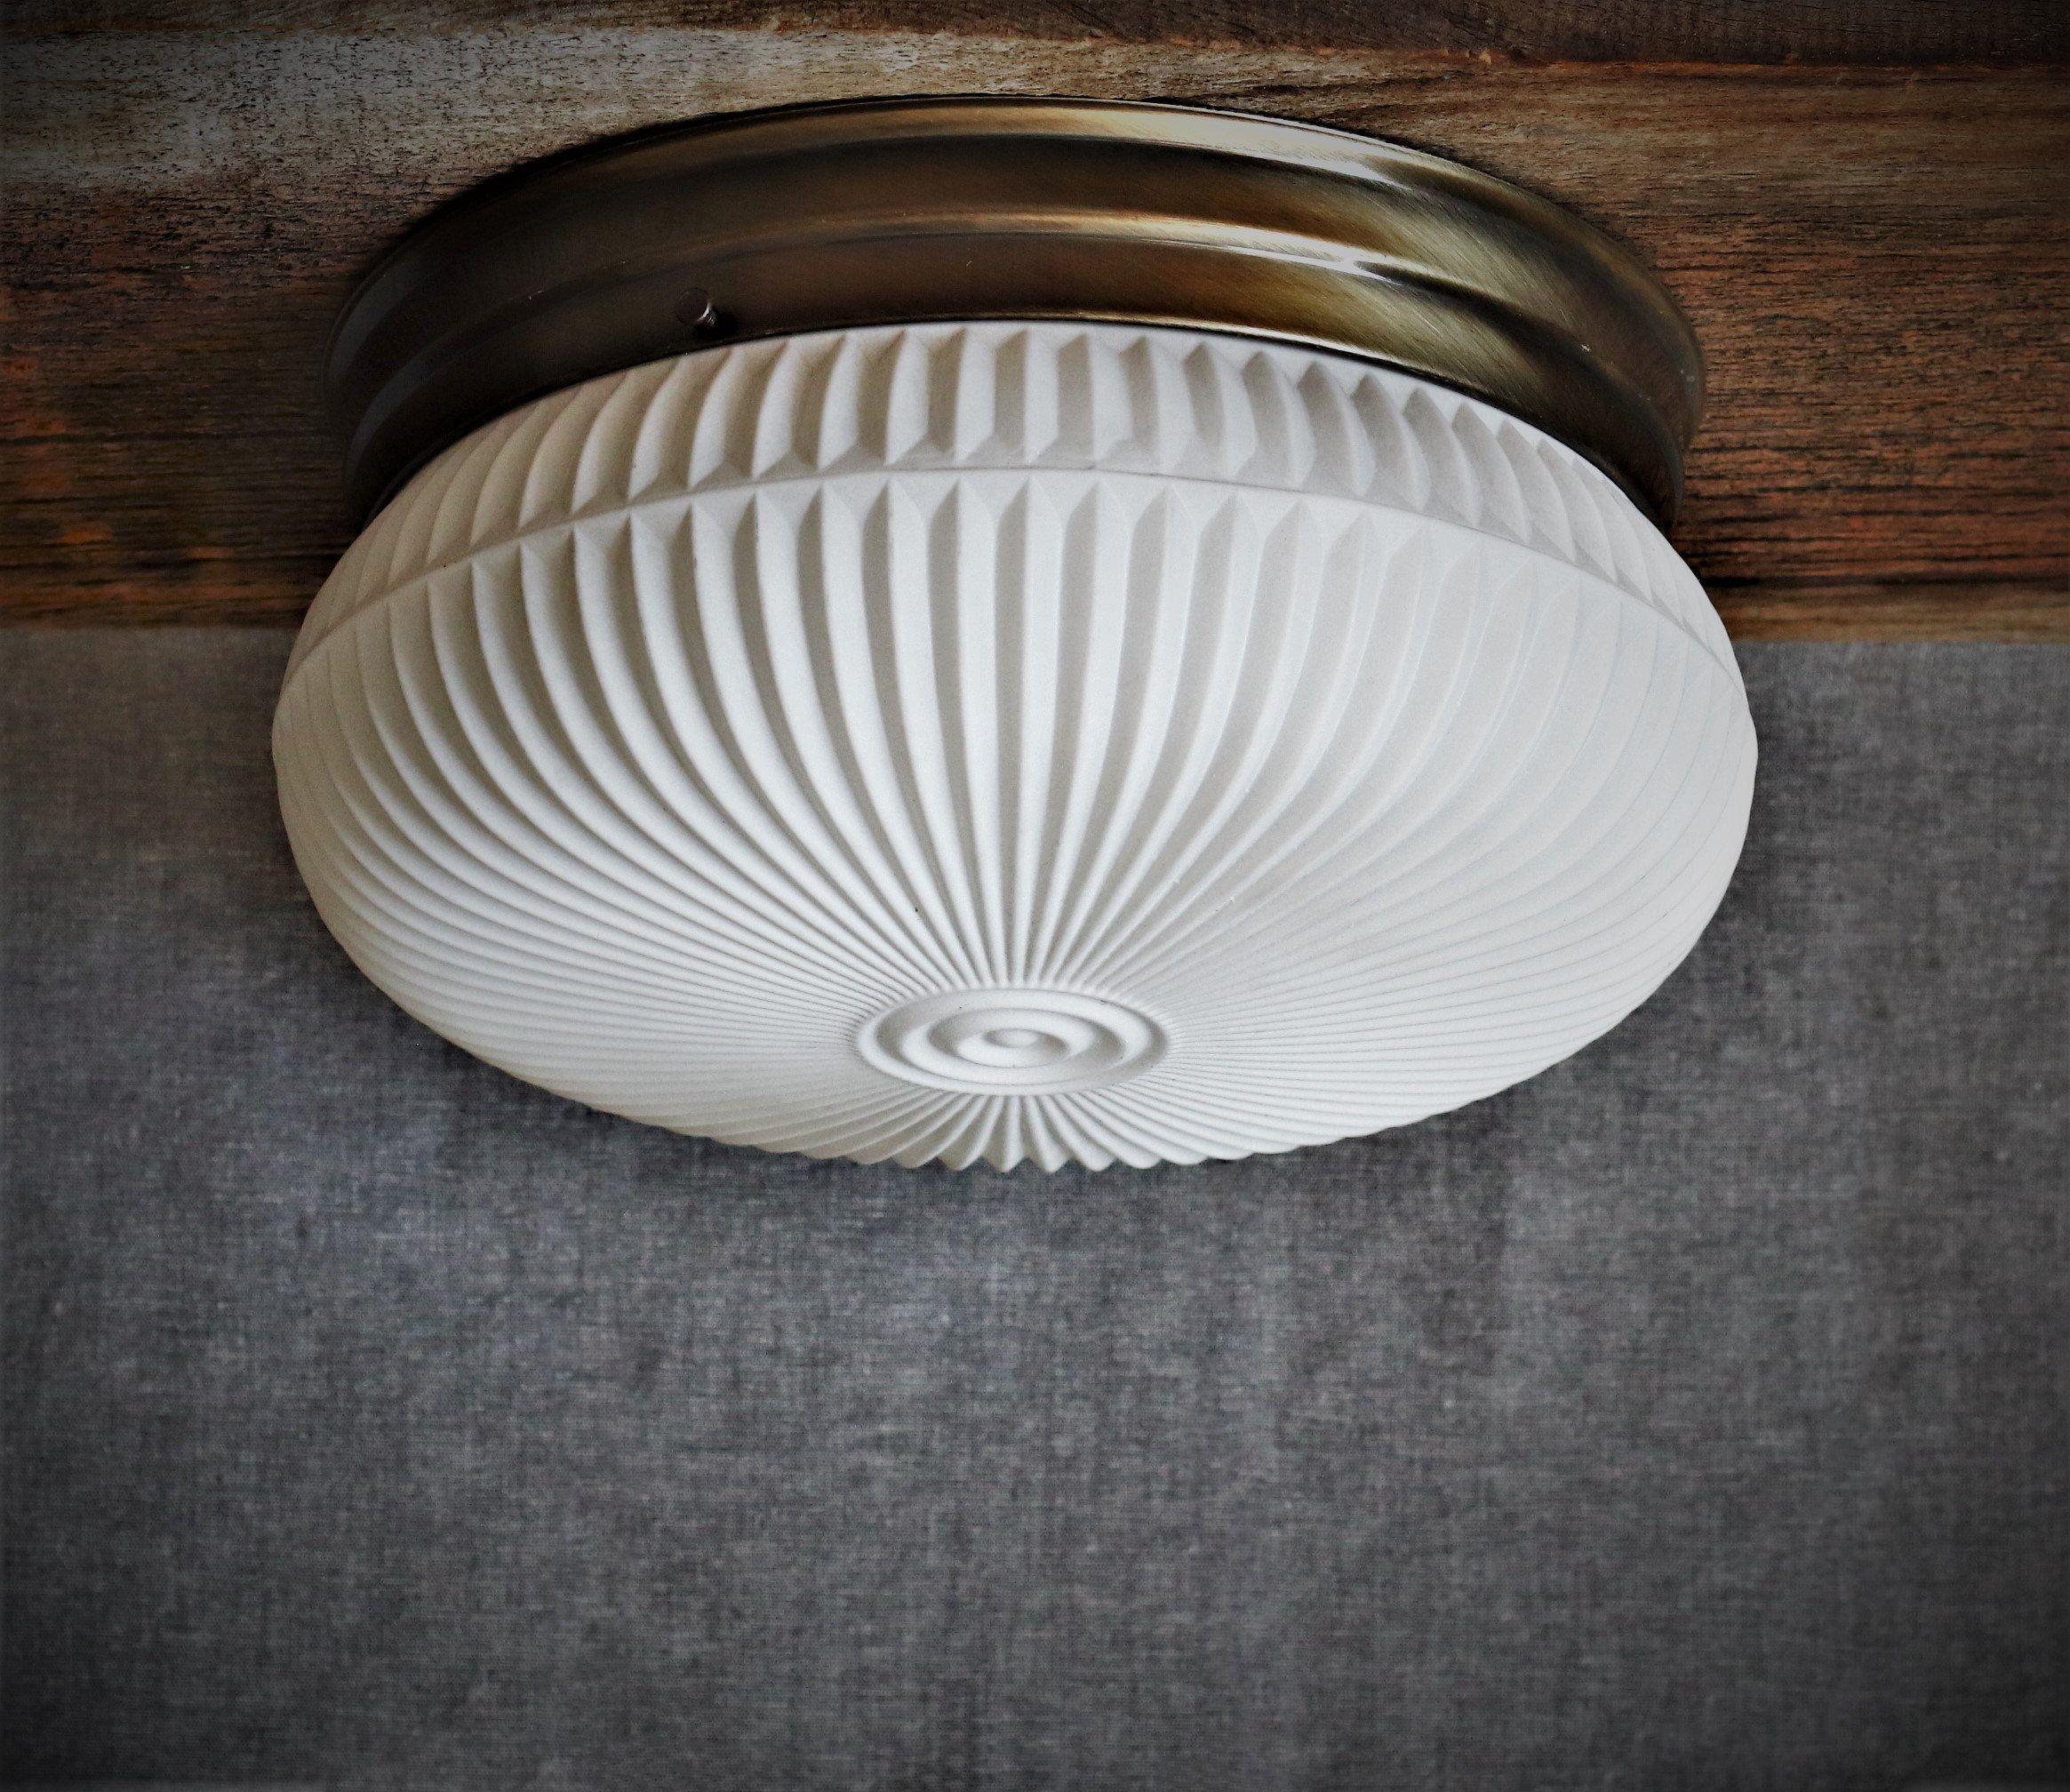 10 Flush Mount Ceiling Light Mid Century Modern Decor Vintage White Glass Drum Shade New F Flush Mount Ceiling Lights Custom Pendant Light Ceiling Lights